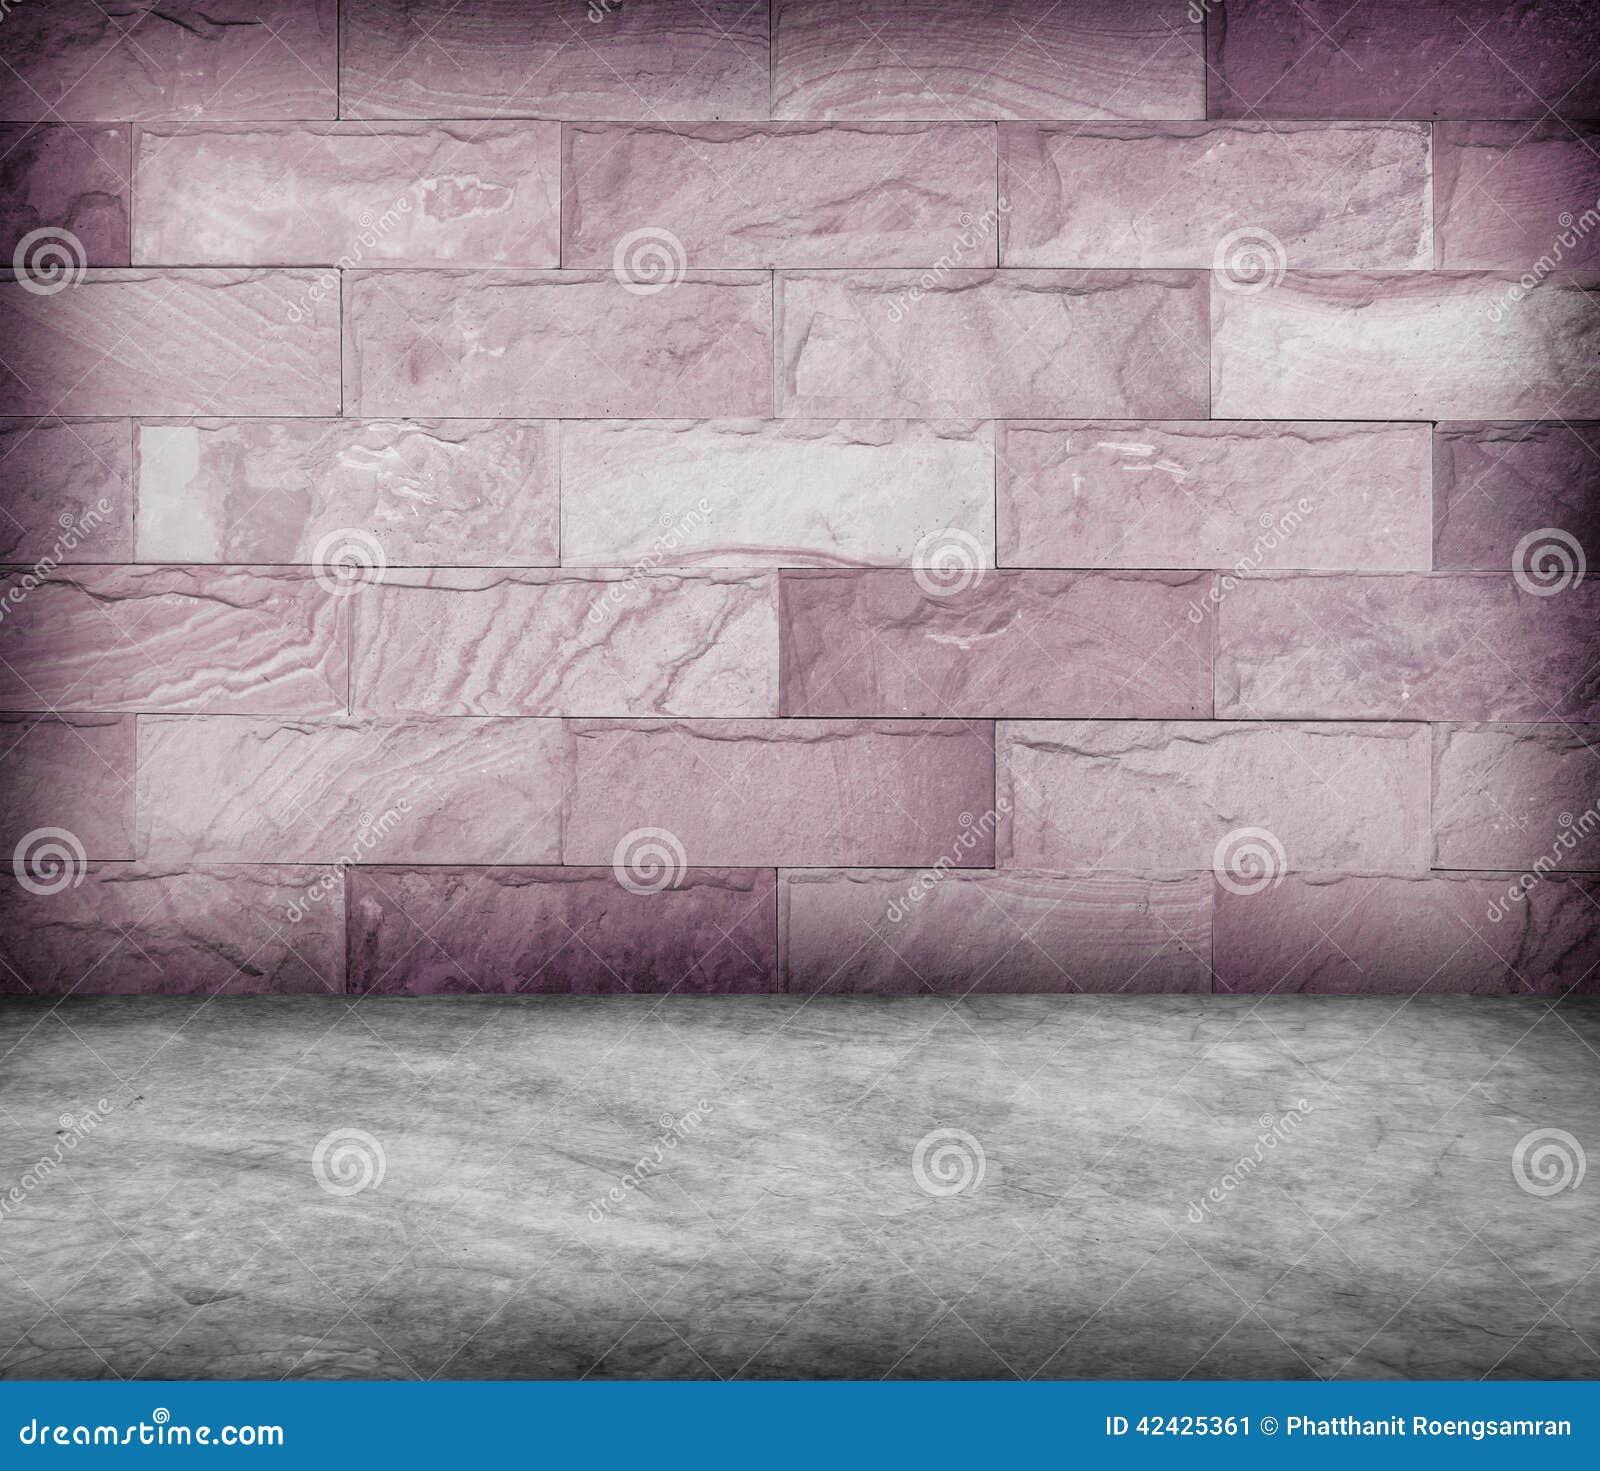 Enarene la pared de piedra y la textura concreta del piso, diseño del Grunge